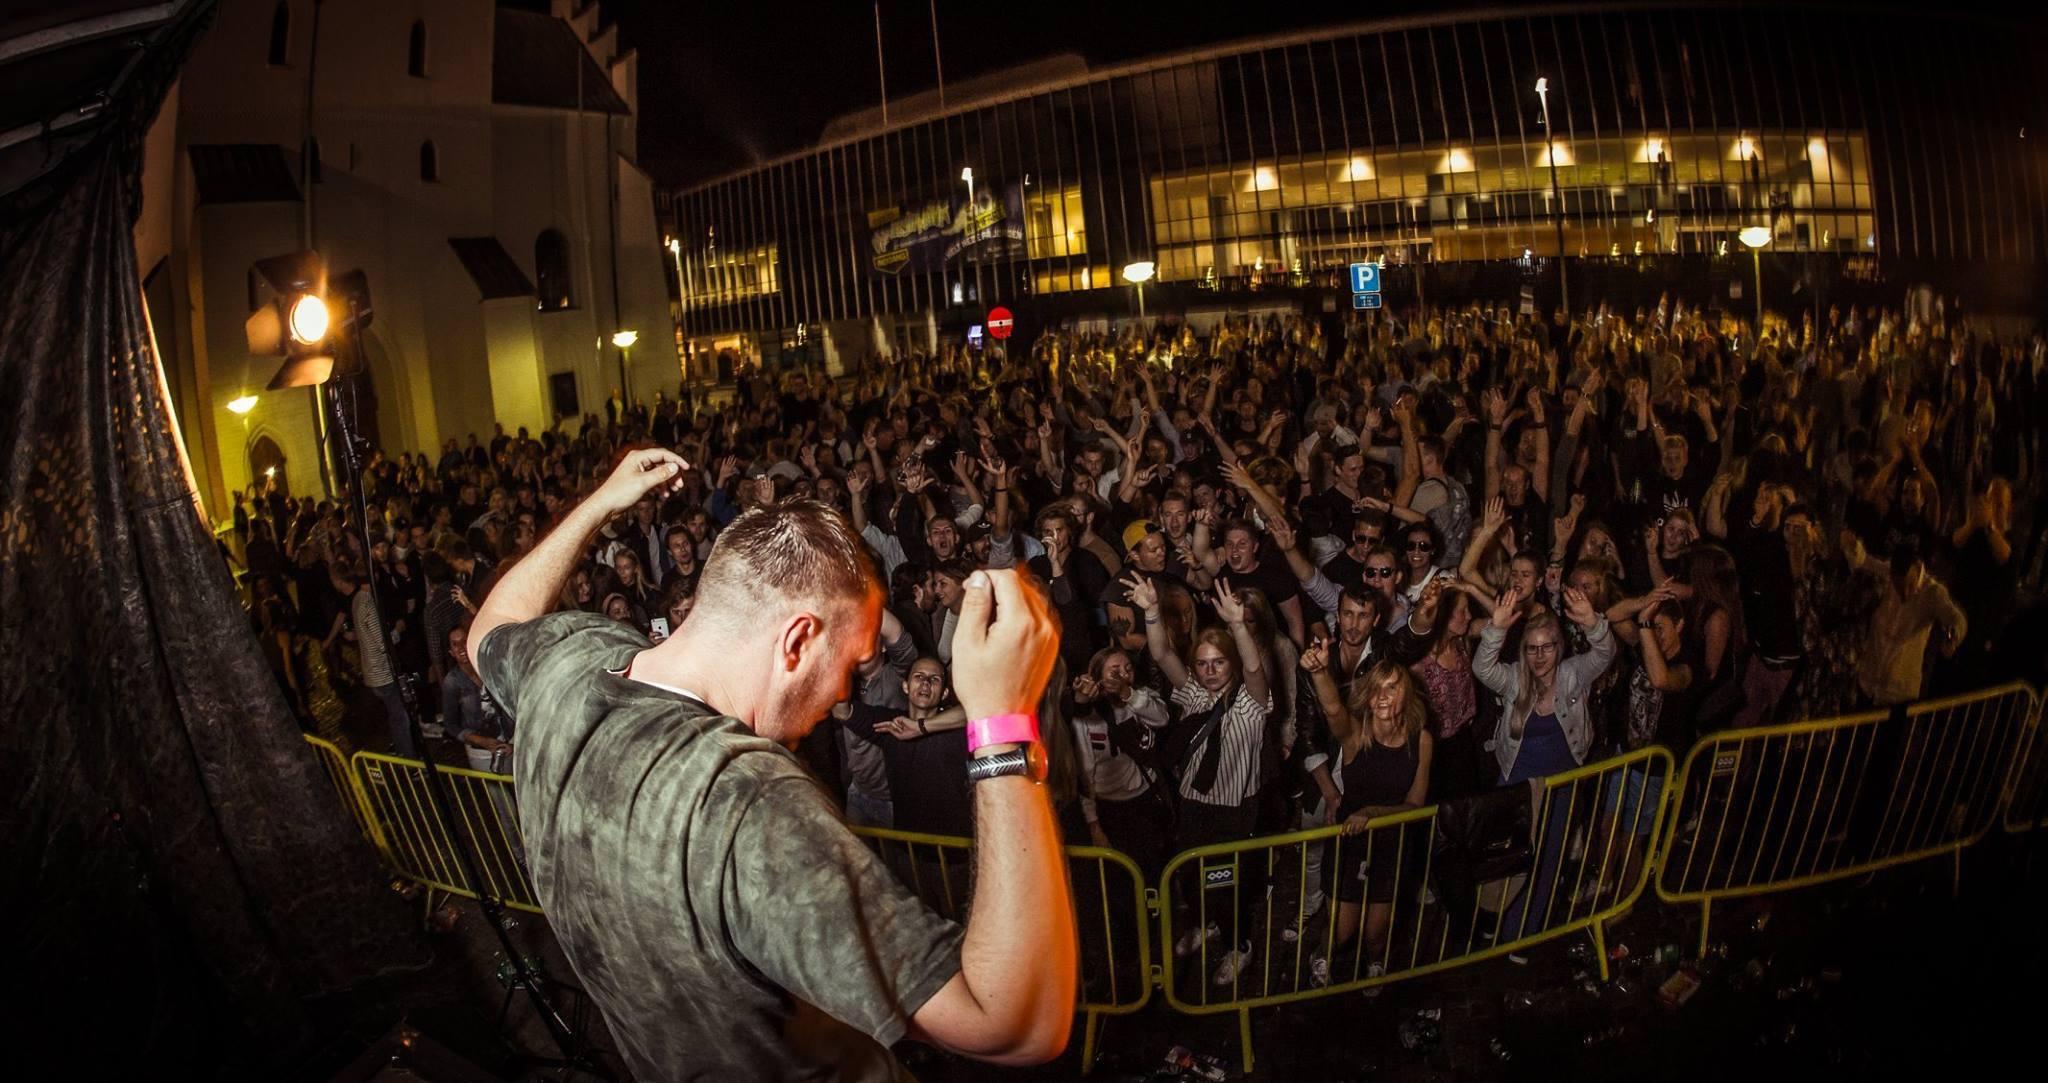 Fester fylder byen: Masser af liv i gaderne i Aalborg i weekenden